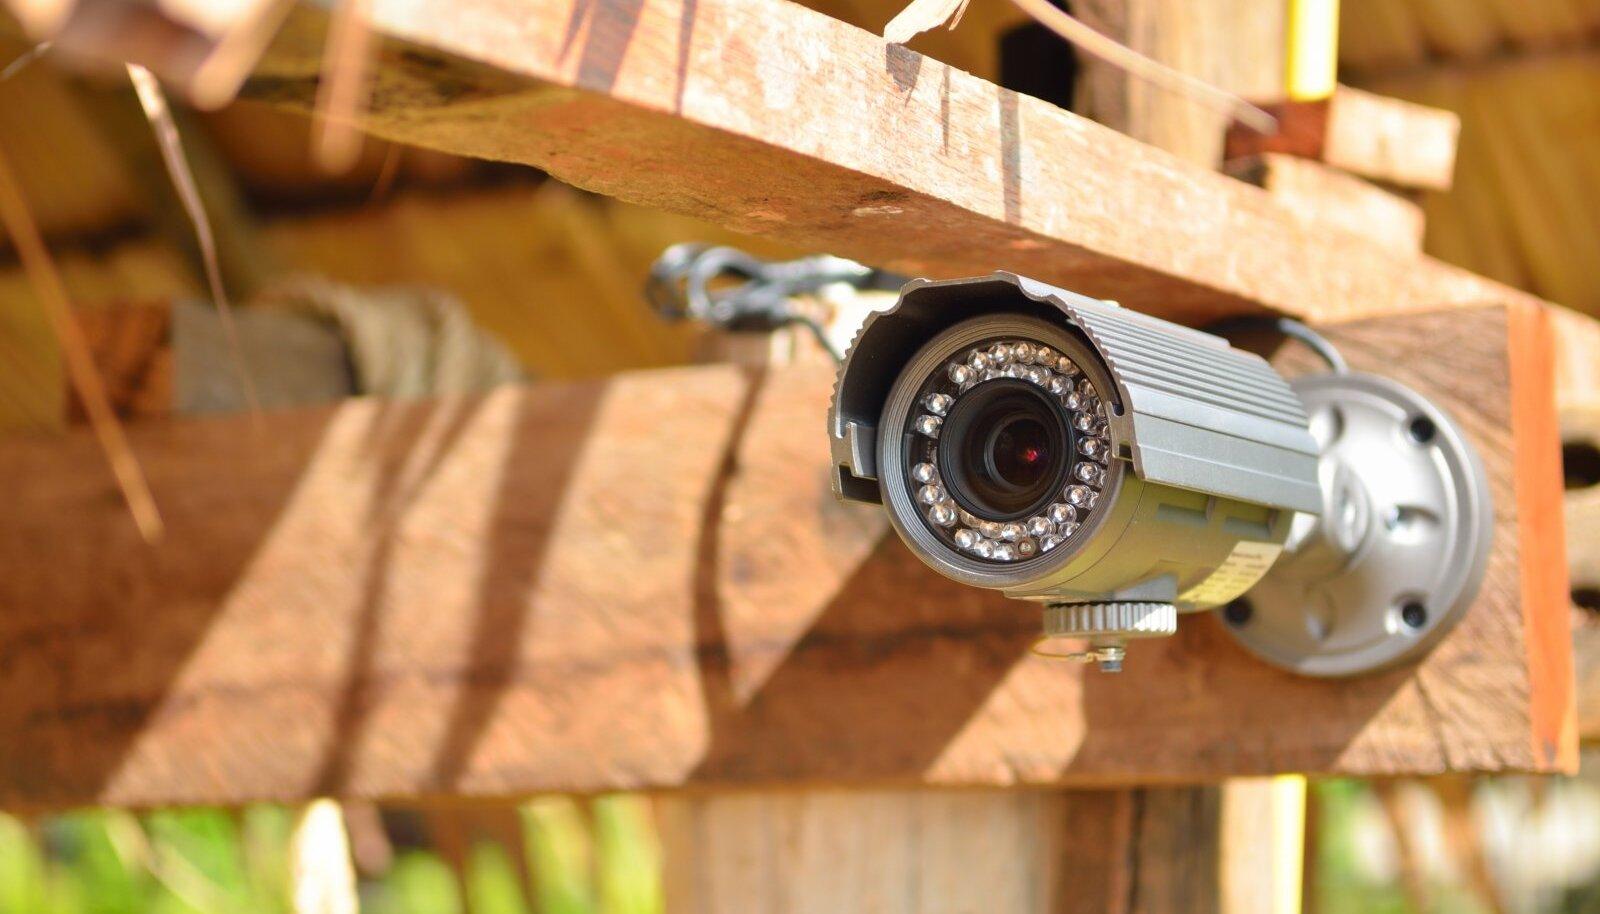 Oluline on kaamera valgustusvõime, infrapunavalgusti võiks ulatuda vähemalt 60 meetri kaugusele.